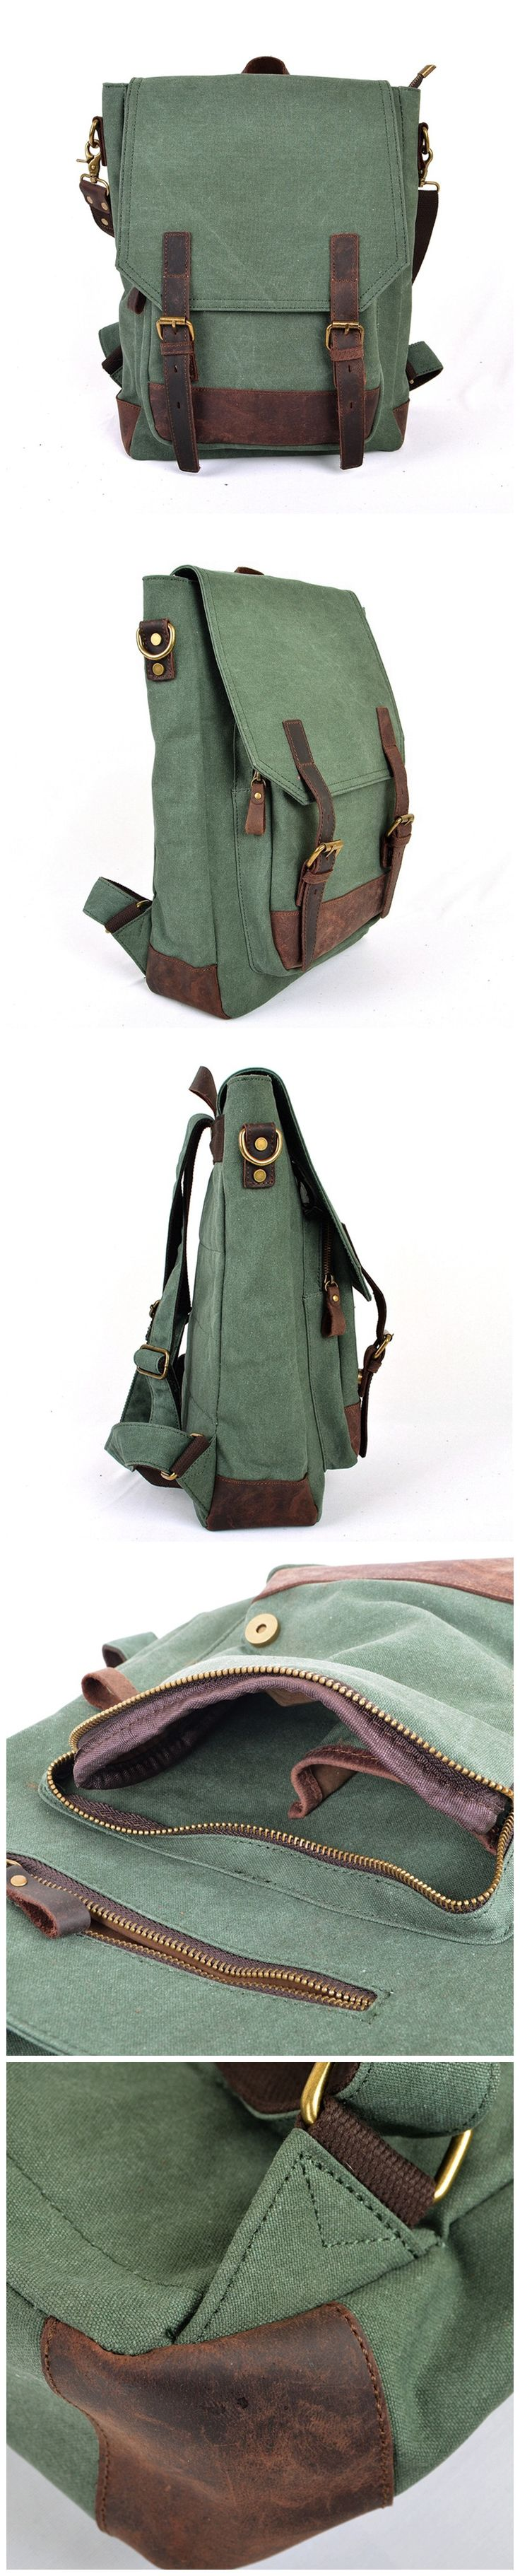 best 25 vintage backpacks ideas on pinterest plaid dress